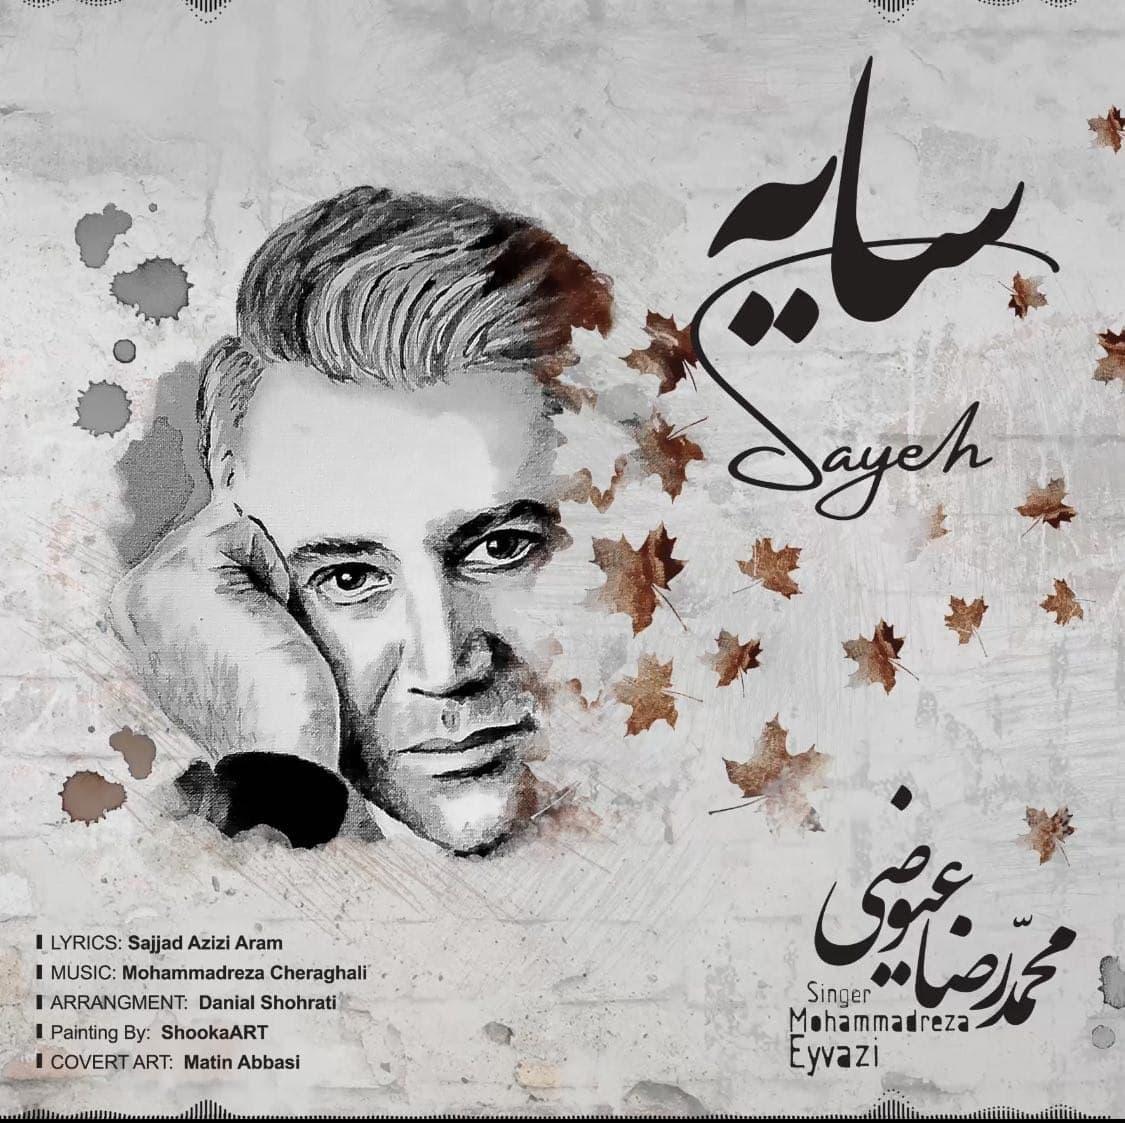 دانلود آهنگ جدید سایه محمدرضا عیوضی